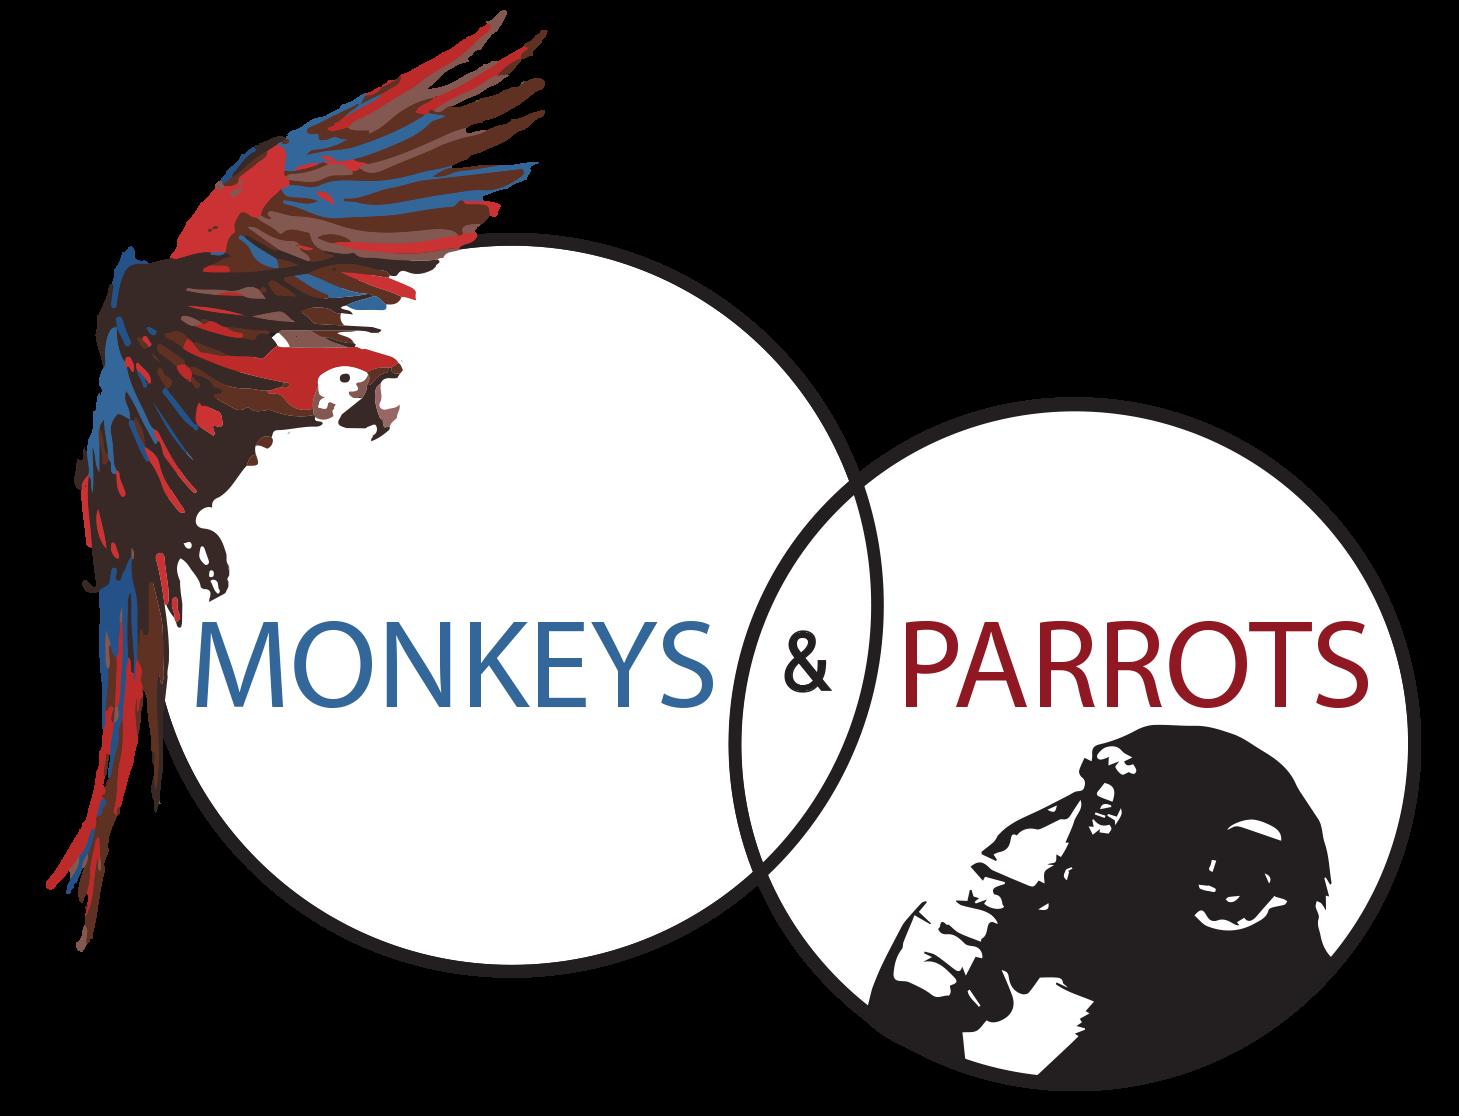 Monkeys & Parrots